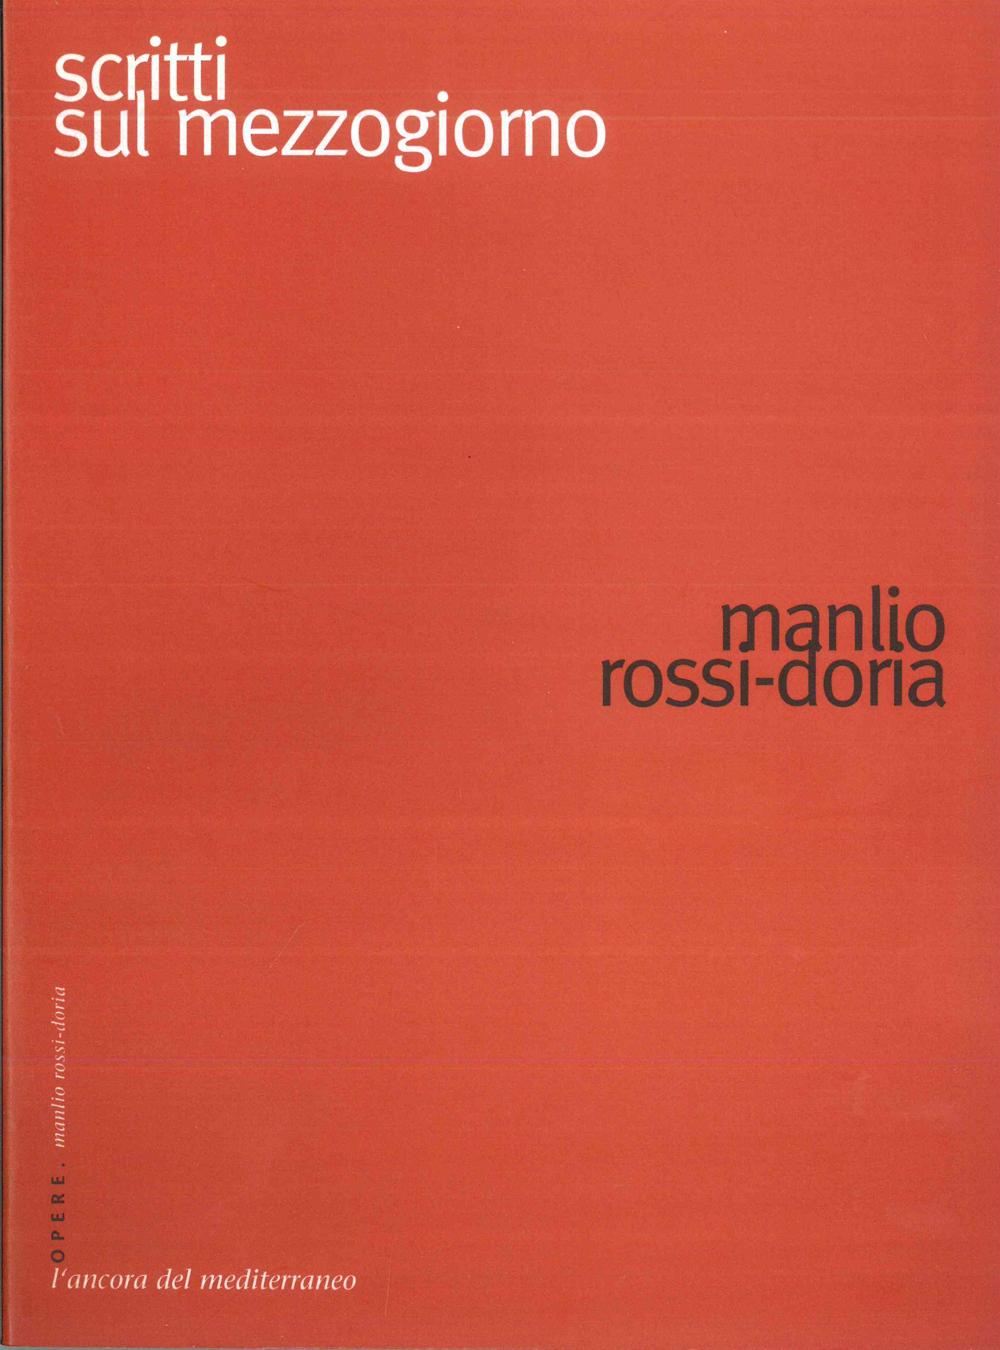 Scritti sul Mezzogiorno - Scritti Manlio Rossi-Doria